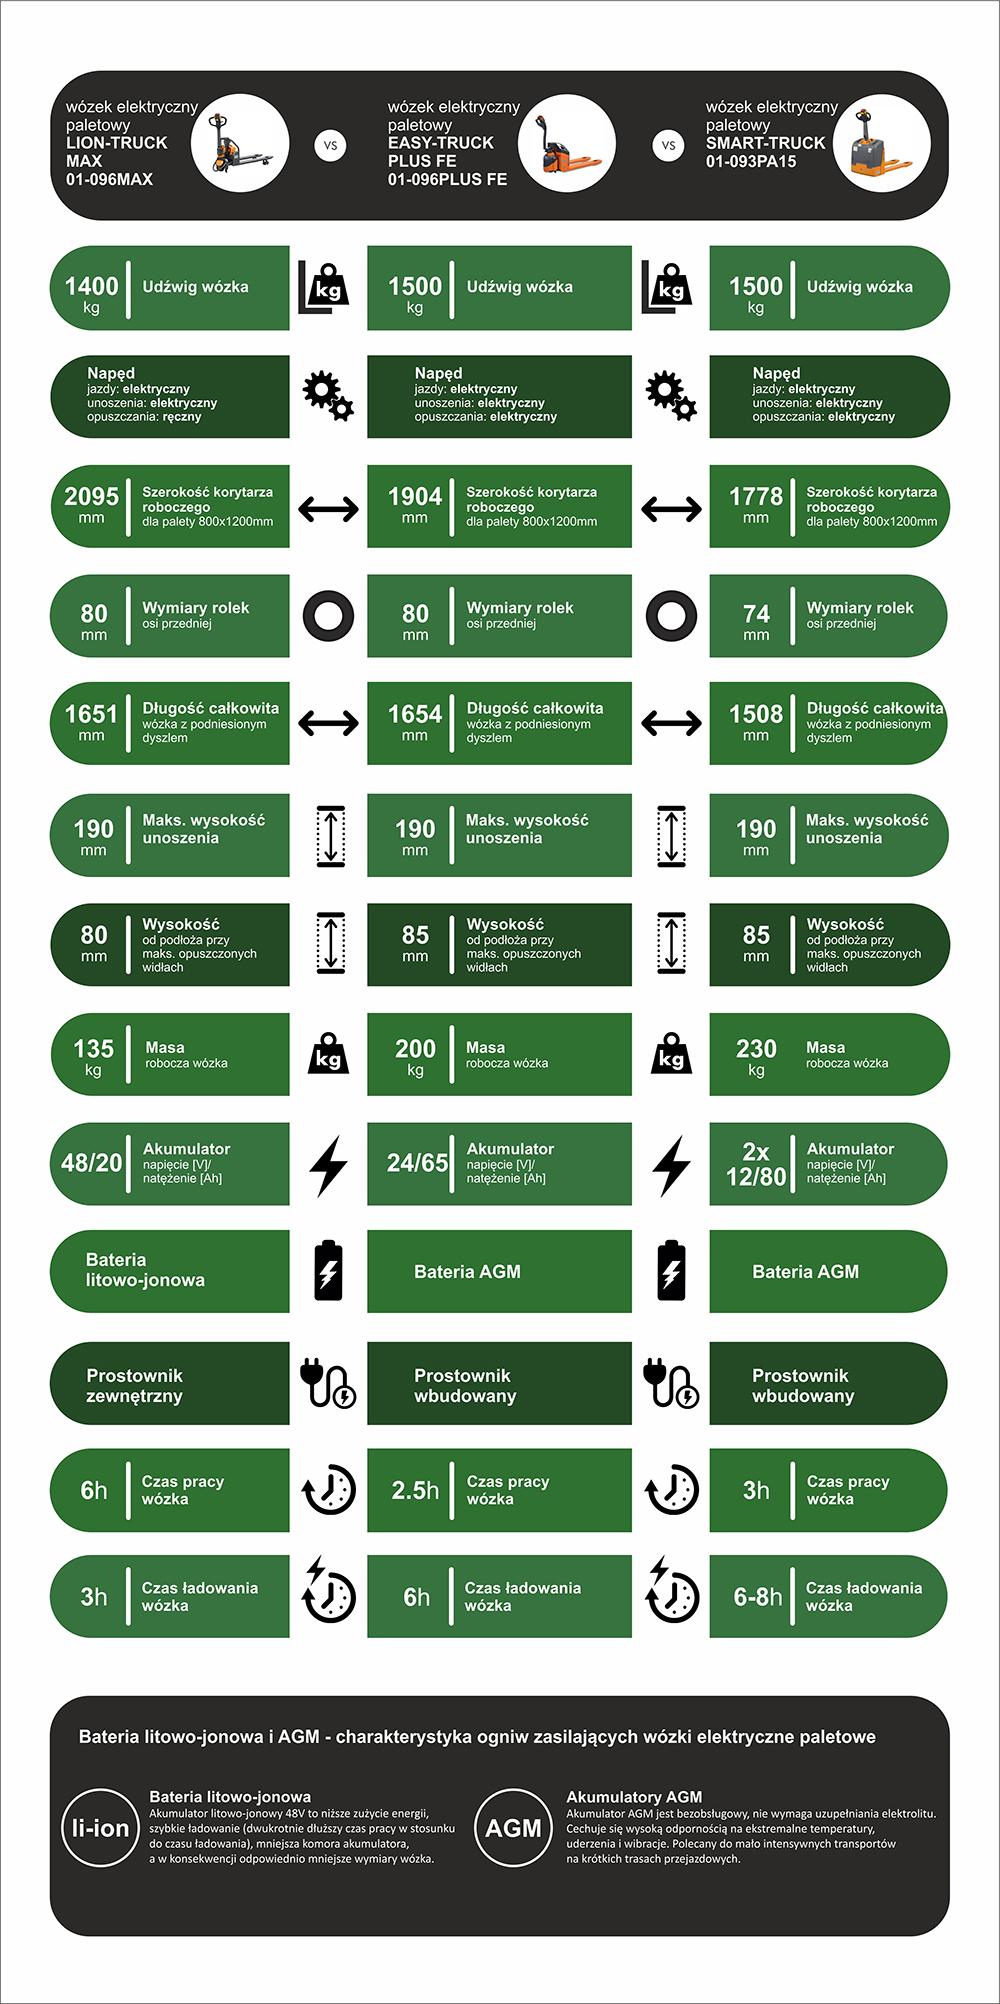 Wózki paletowe elektryczne PROMAG - porównanie